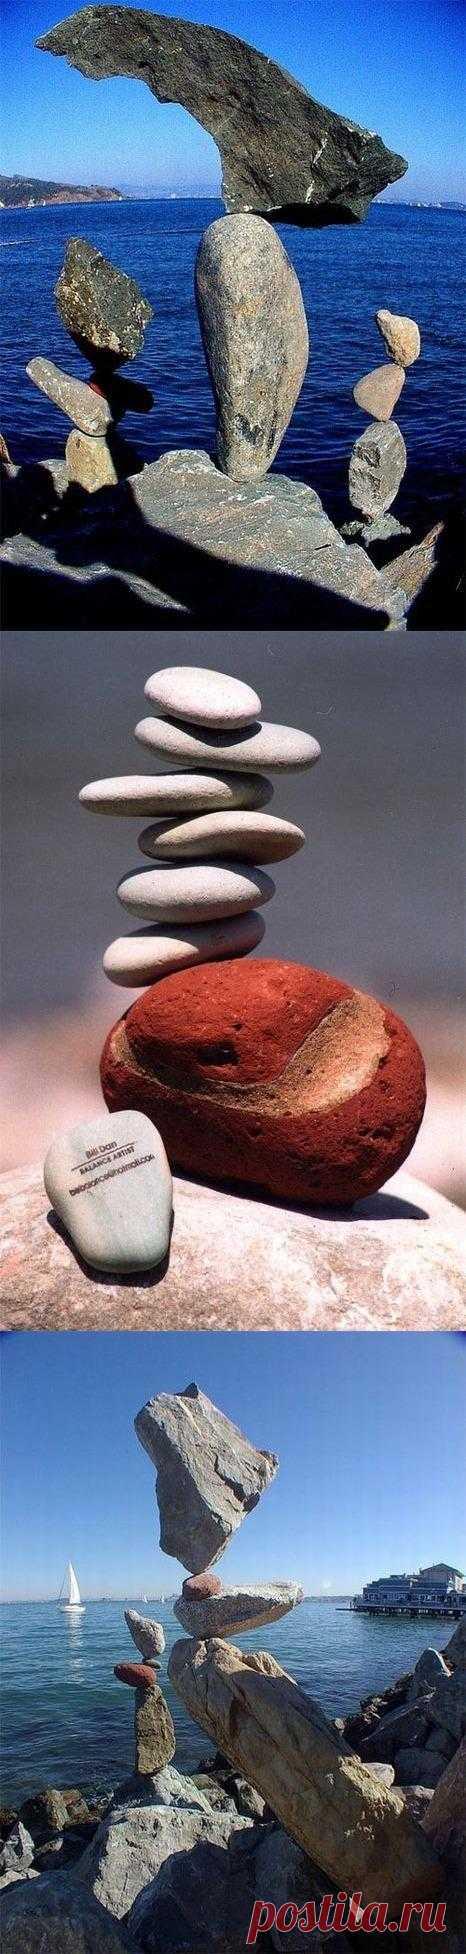 Простота и гармония – основа направления rock balance в современном искусстве. Увидеть другие невероятные работы так называемых художников камней и баланса можно по ссылке в посте